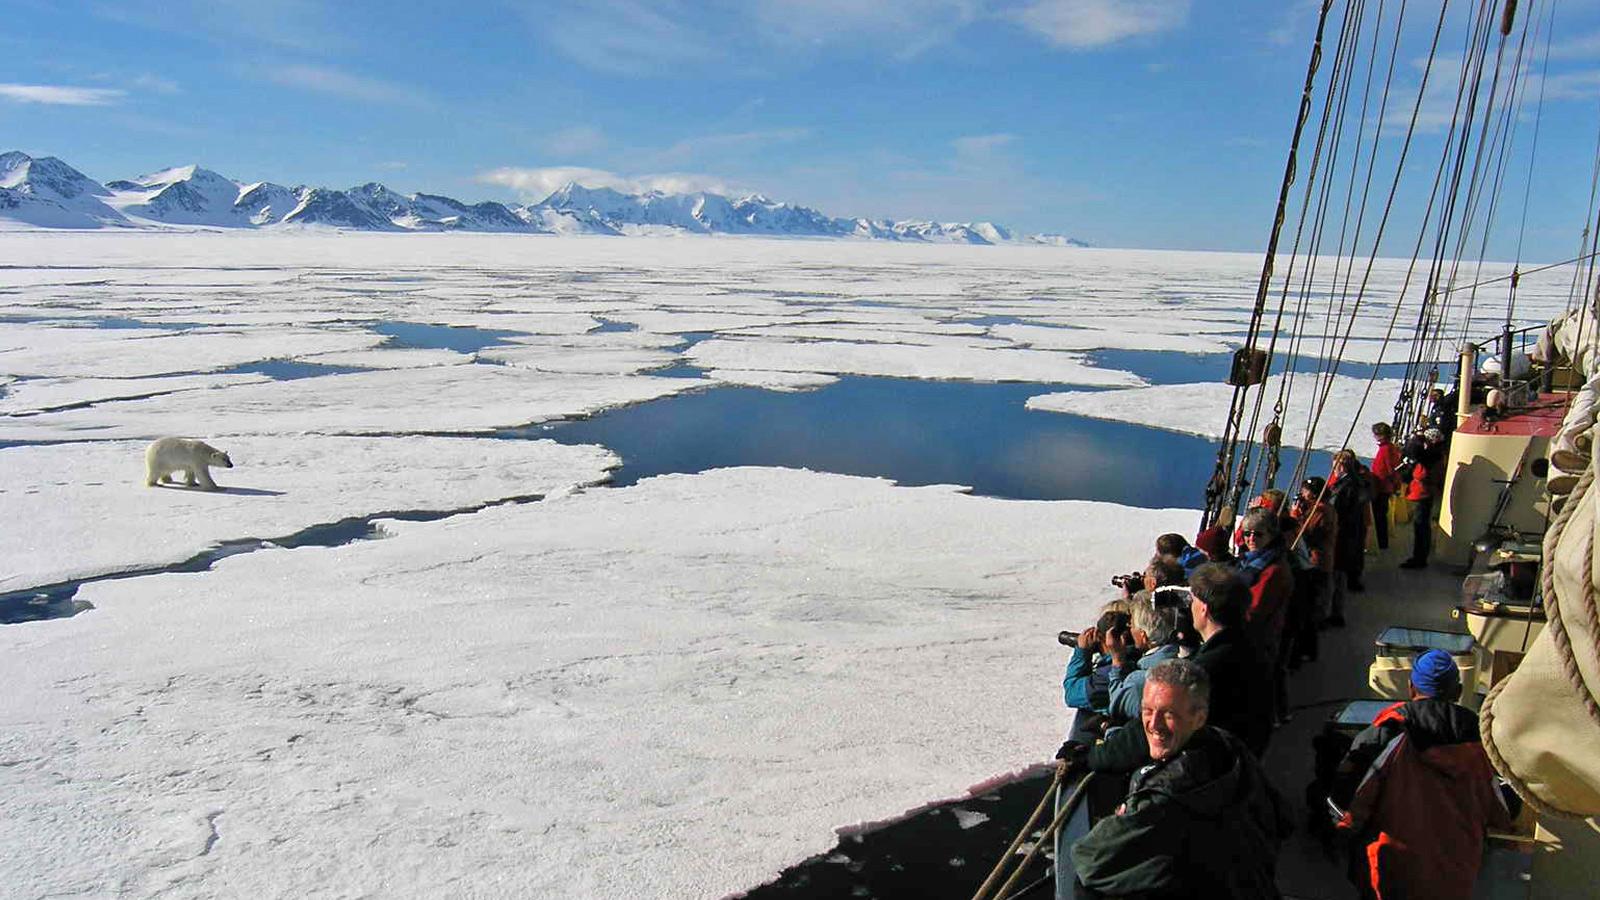 Segel-Expediiton Spitzbergen in der Arktis mit Eisbären am Nodpol traveljunkies